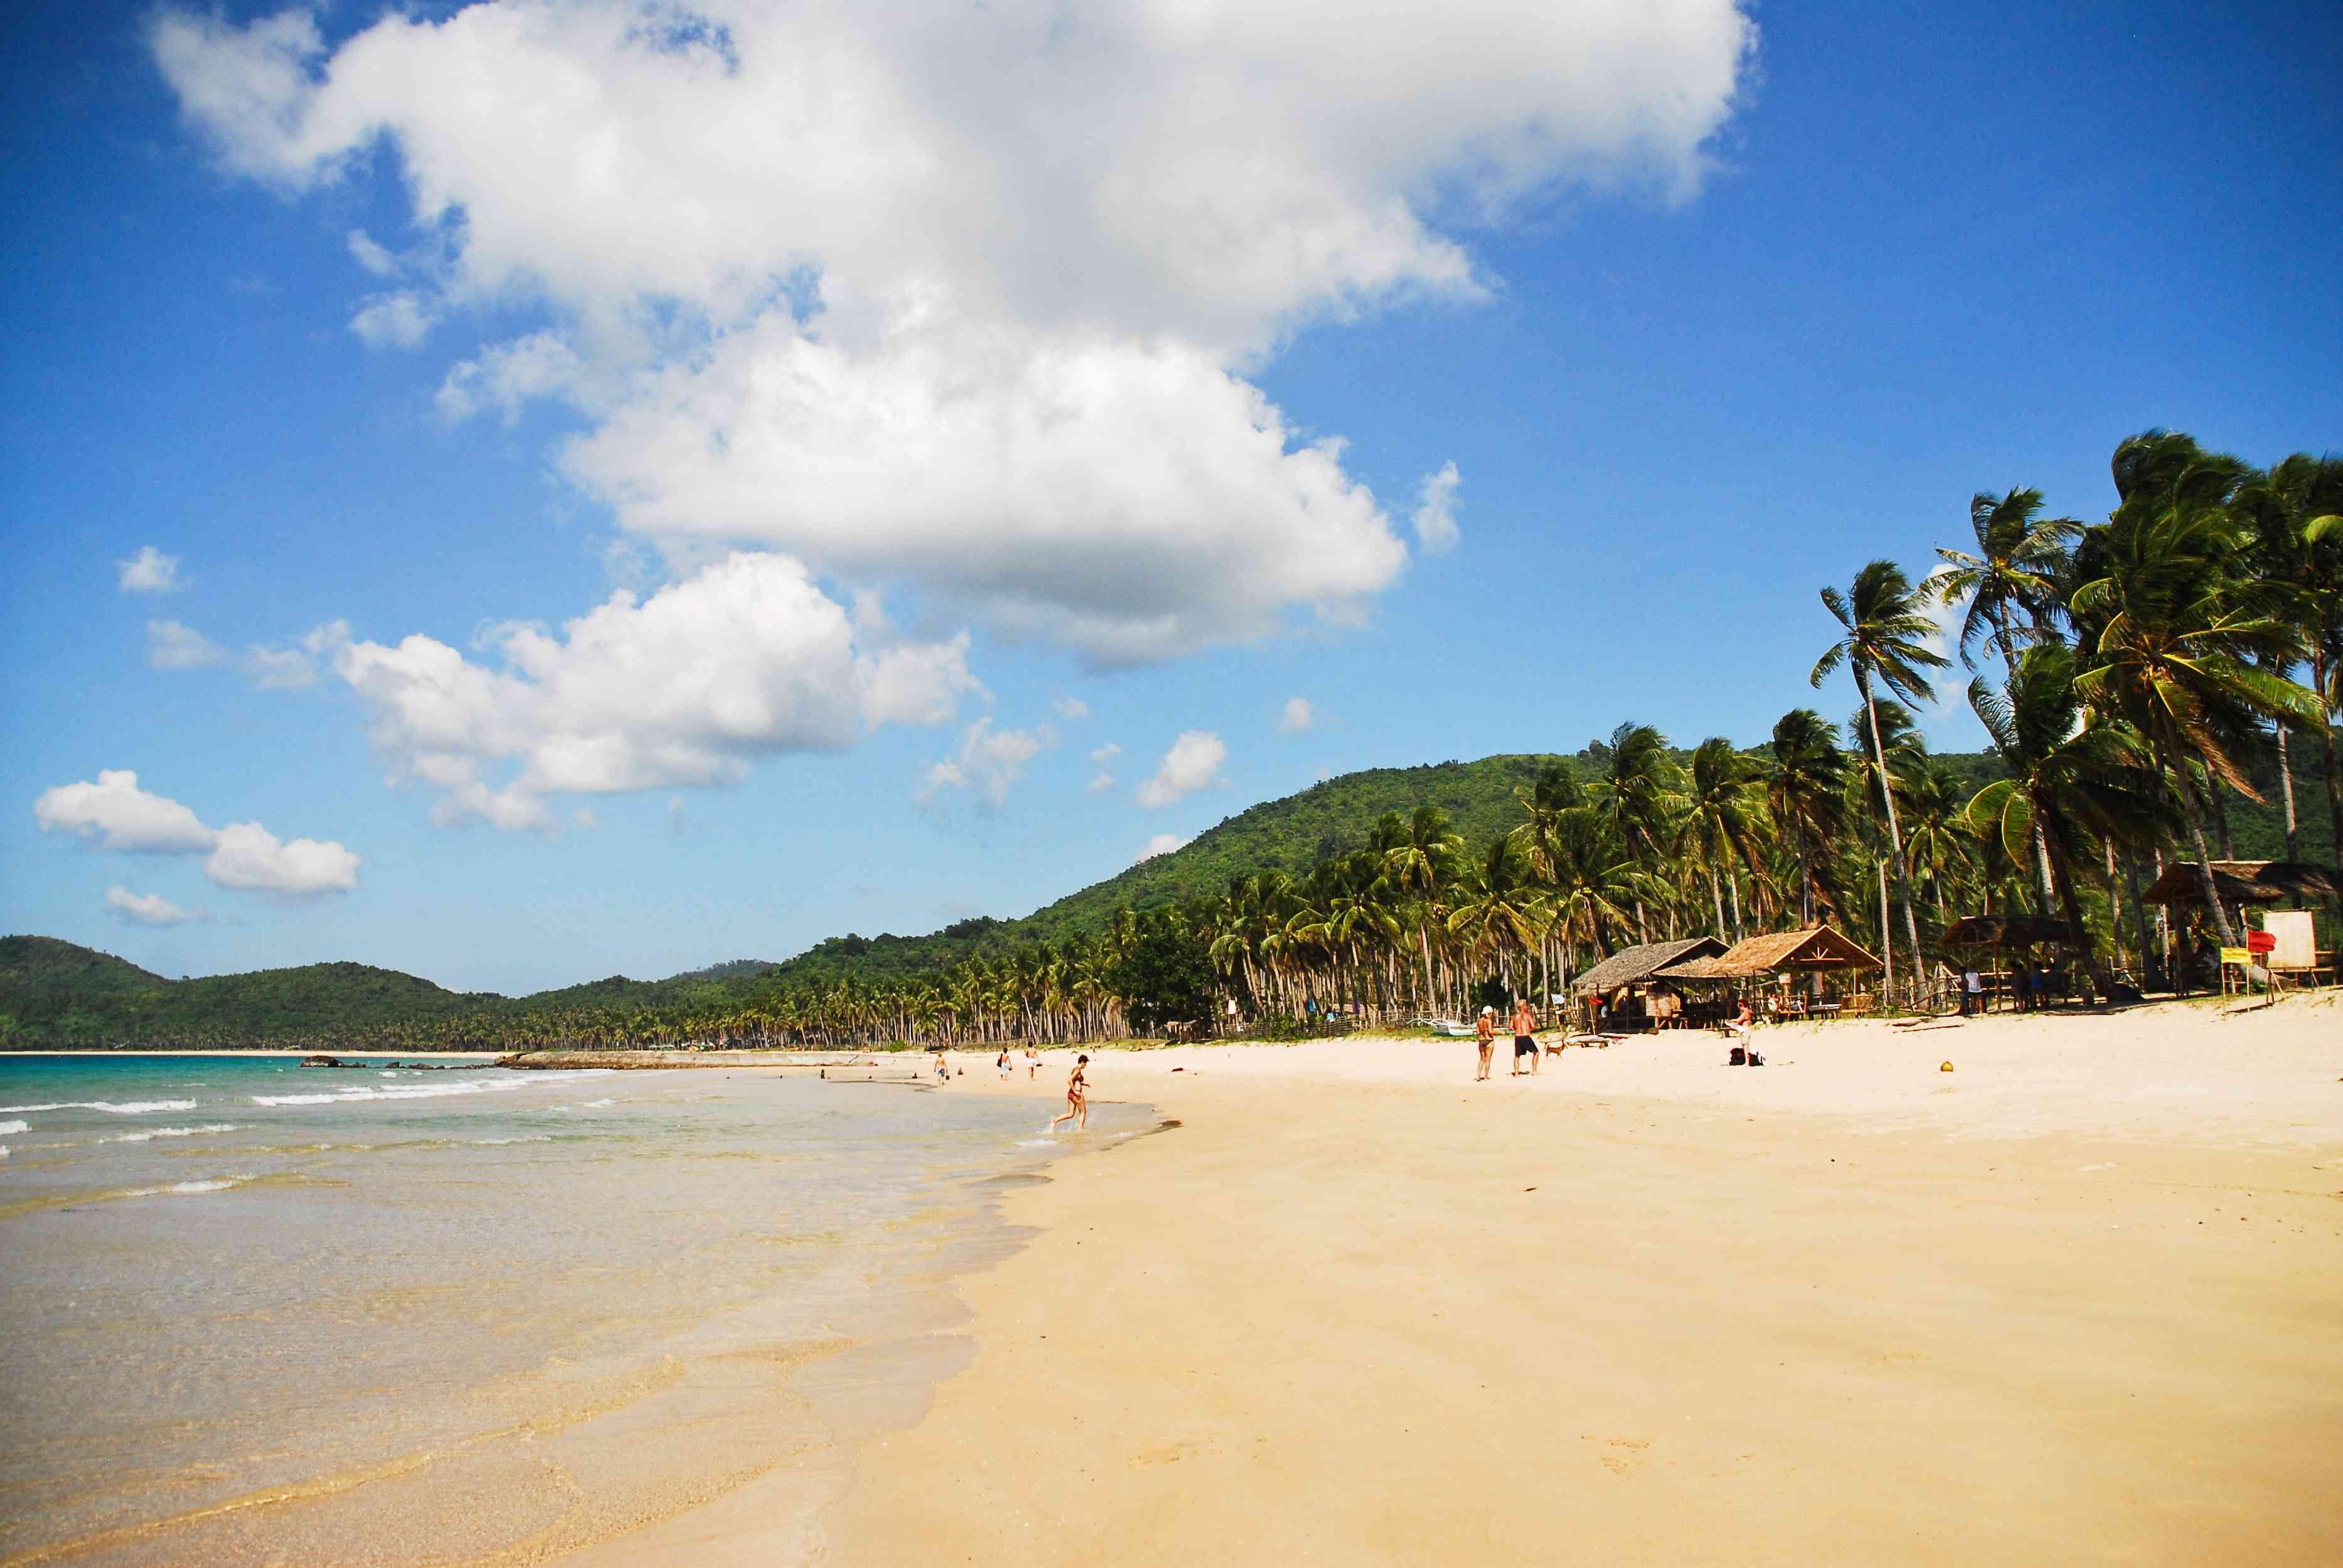 Una playa virgen en Palawan